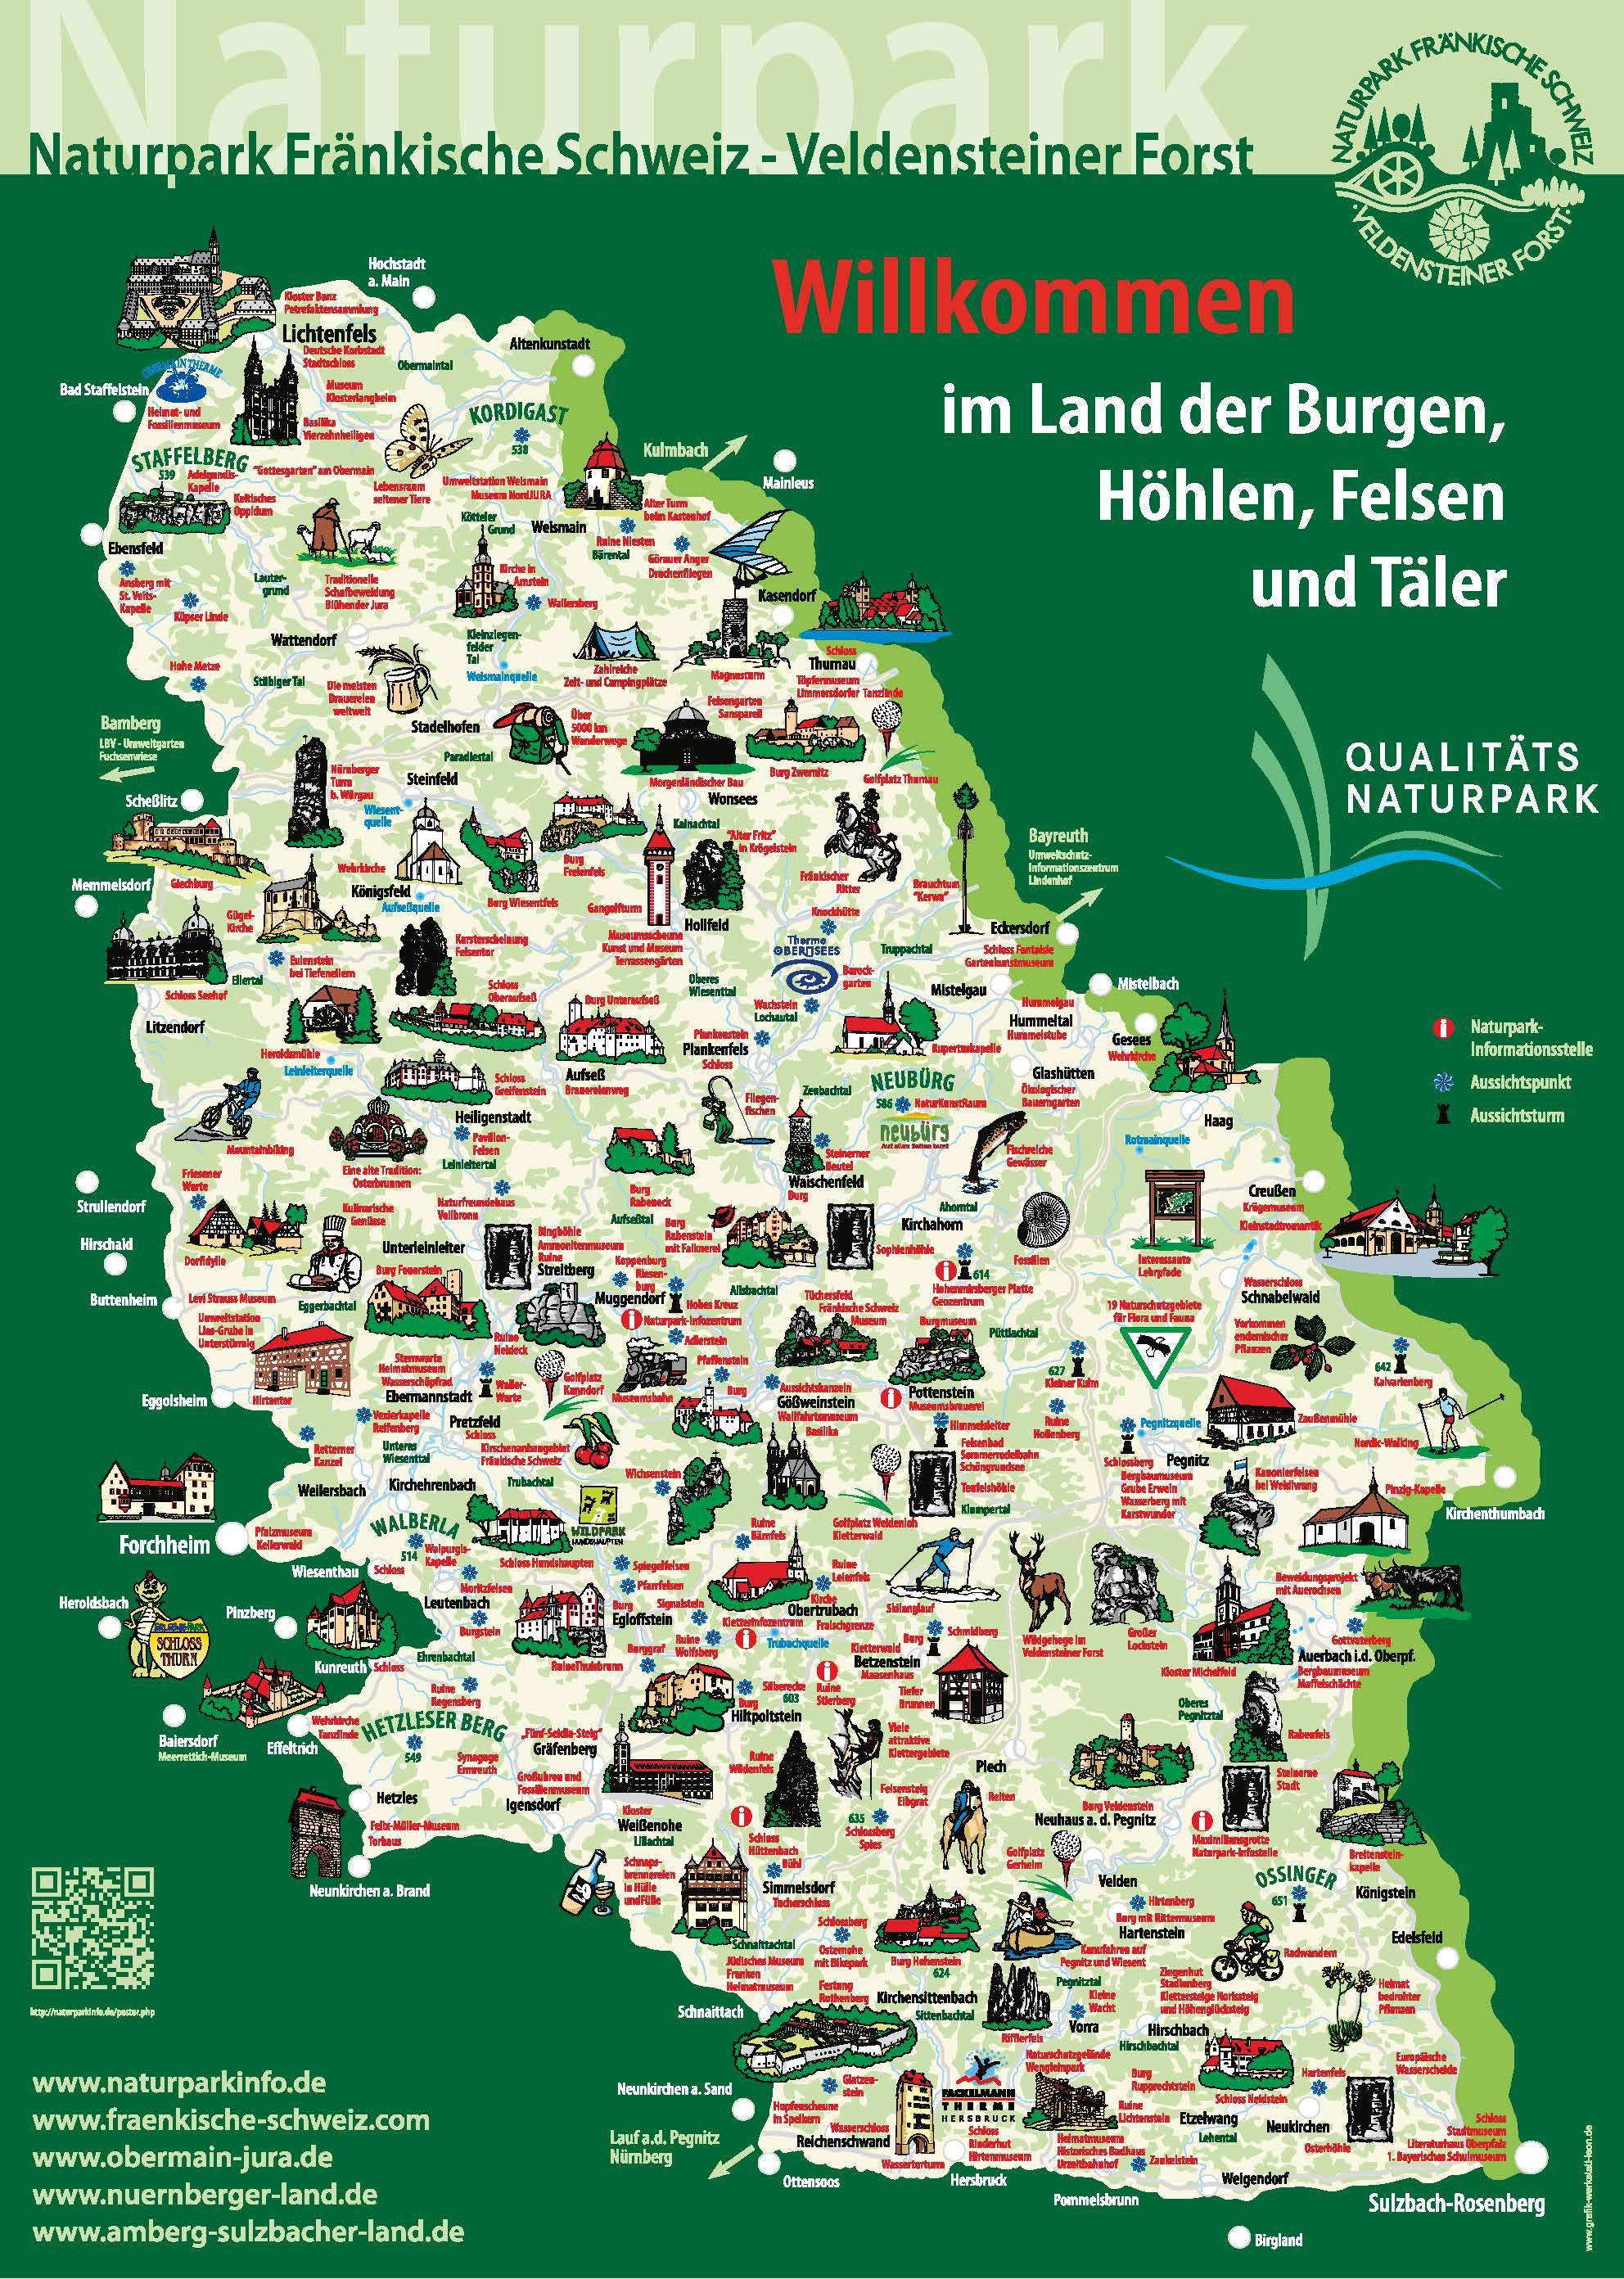 Touristische Übersichtskarte des Naturparks Fränkische Schweiz - Veldensteiner Forst